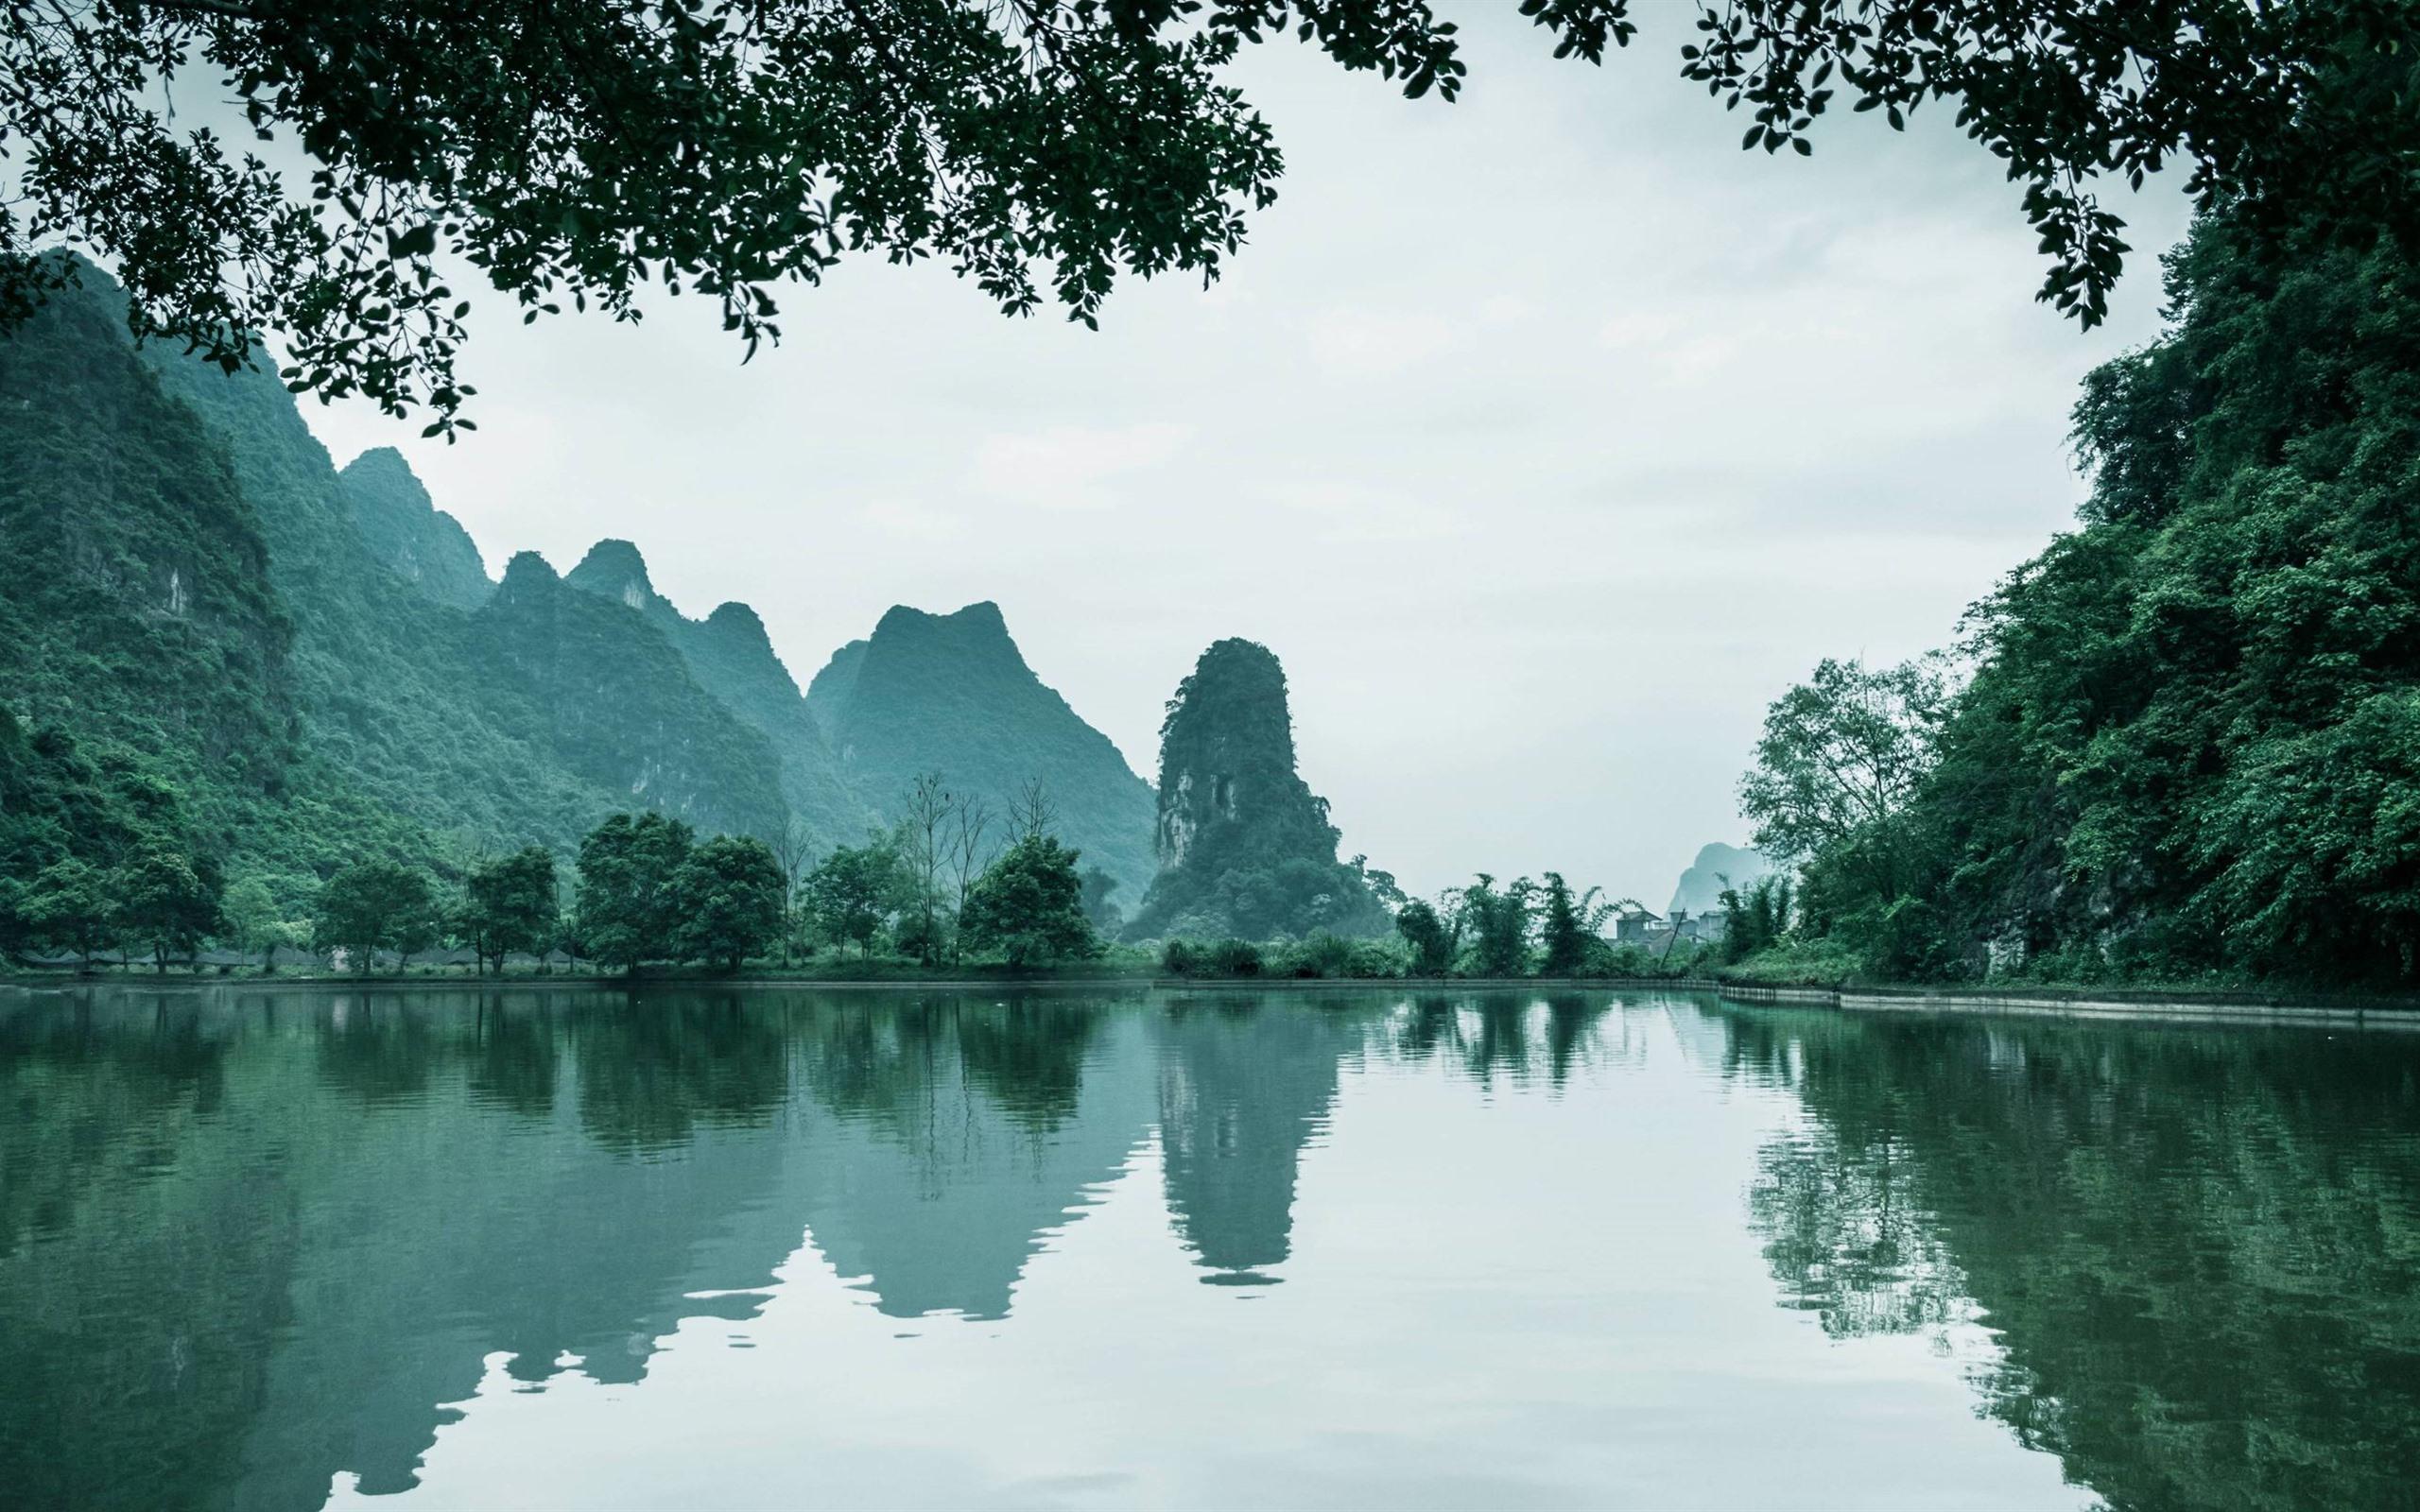 ангел-хранитель фото китай природа вот